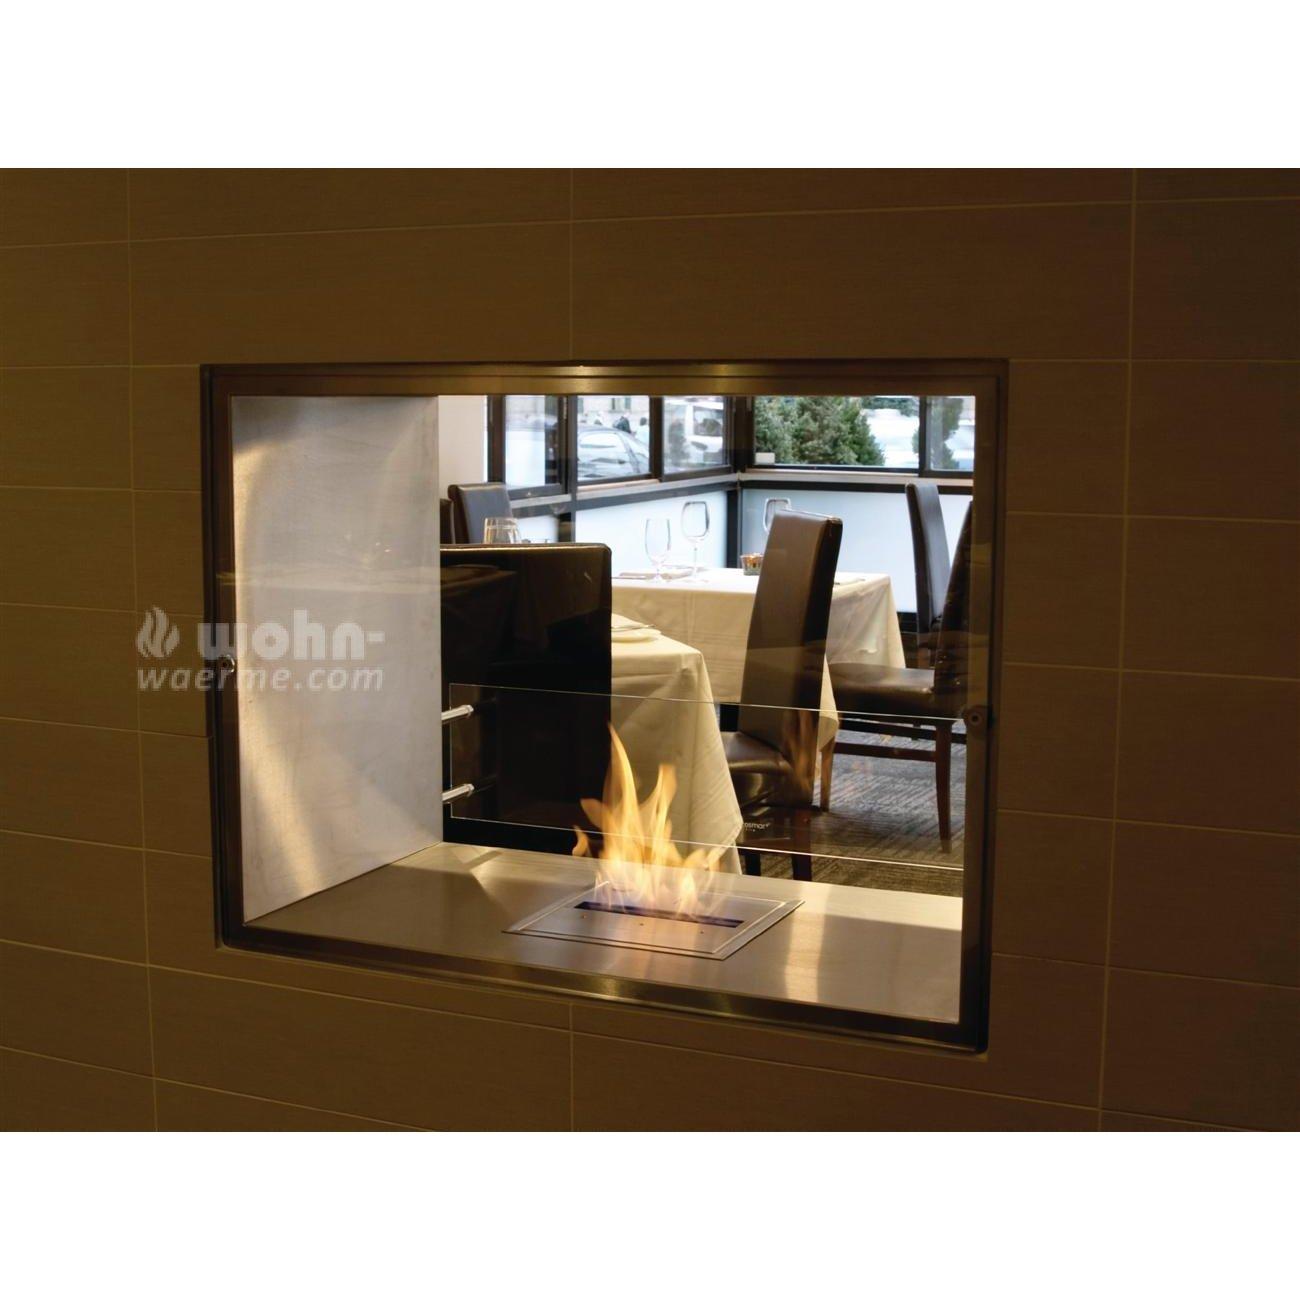 ecosmart einbau kamin firebox f r durchsichtkamin. Black Bedroom Furniture Sets. Home Design Ideas